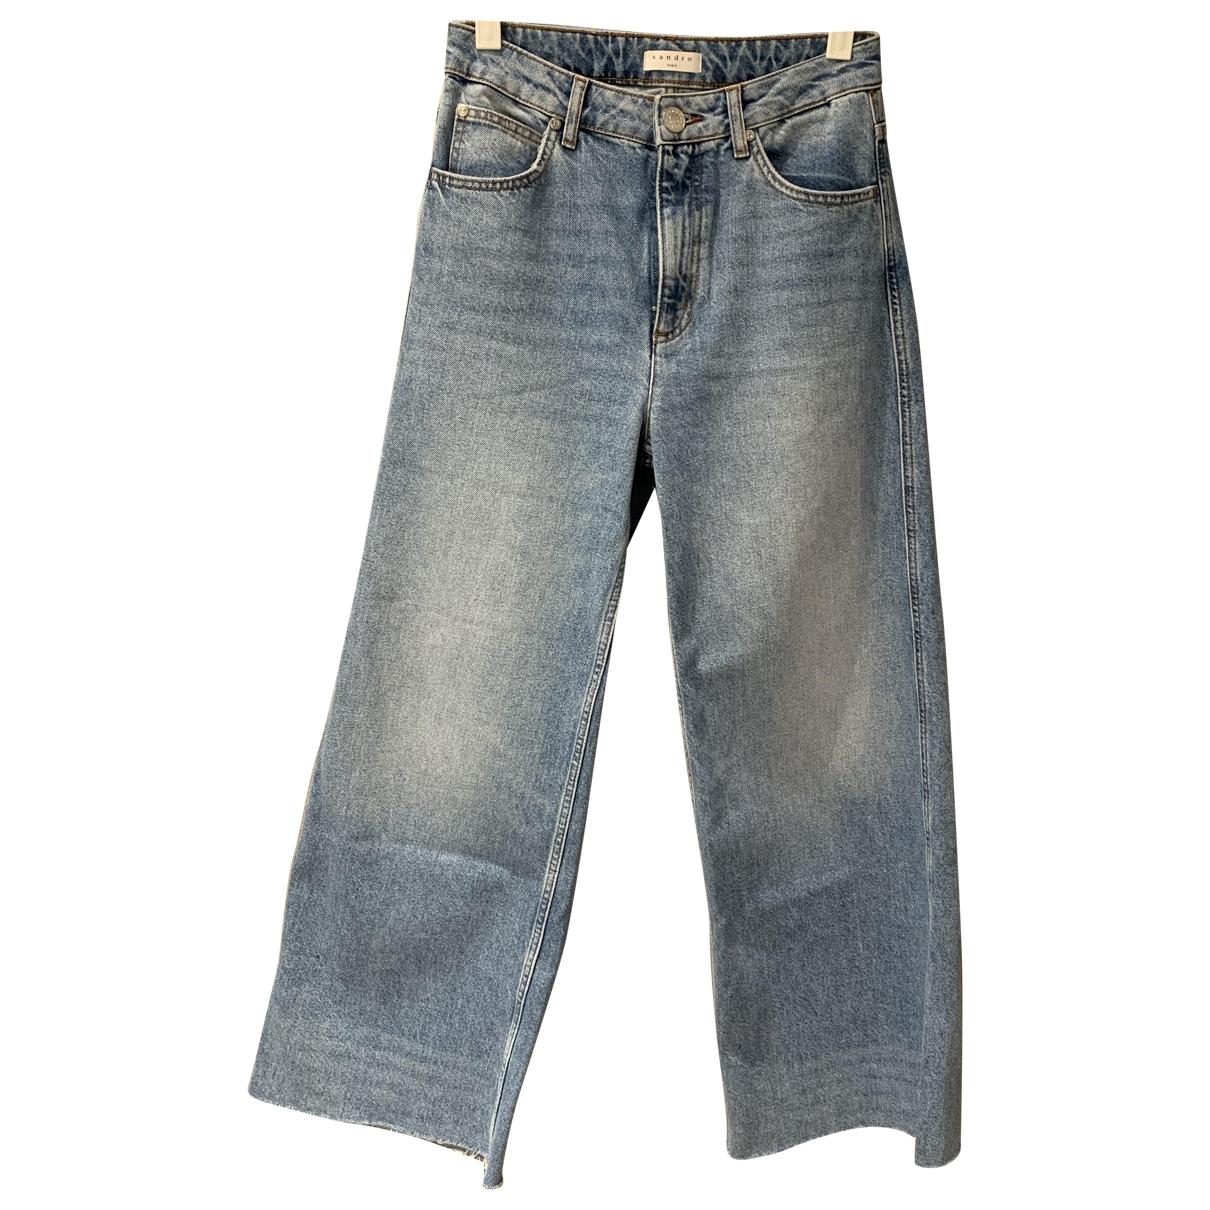 Sandro Spring Summer 2019 Blue Cotton Jeans for Women 36 FR